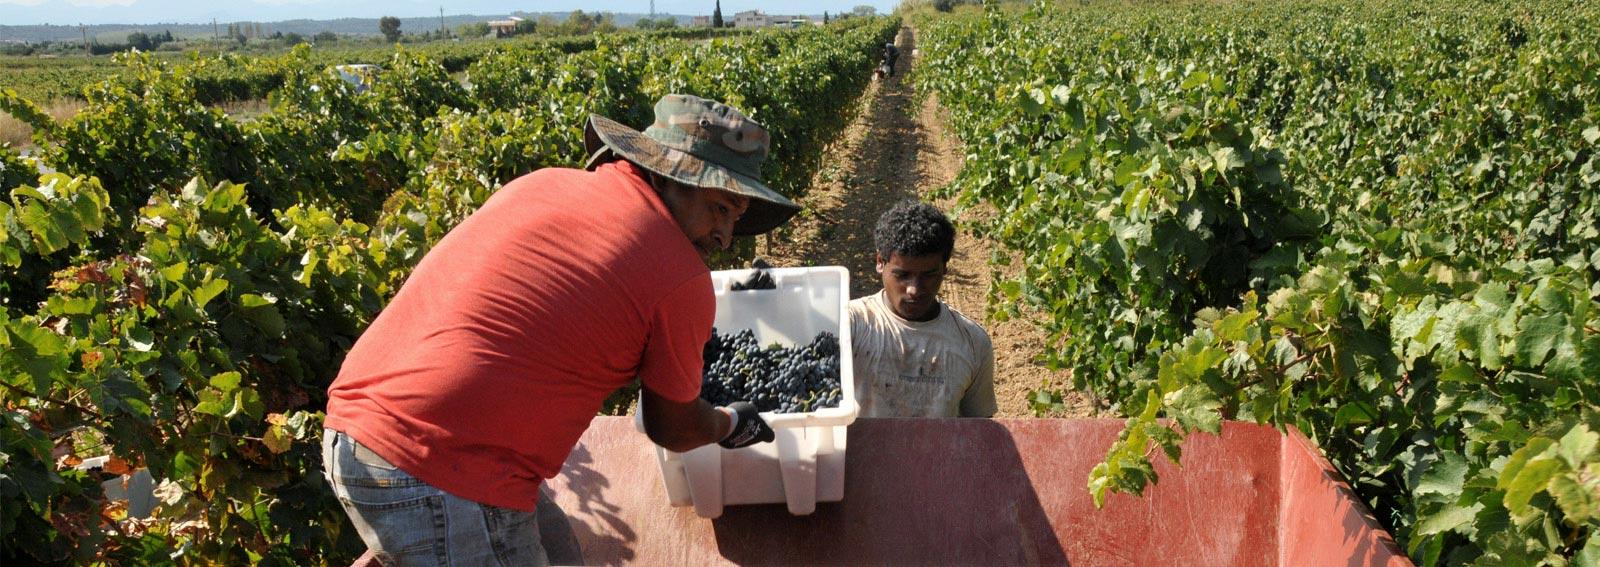 Vendimiadores recolectando las uvas en cajas